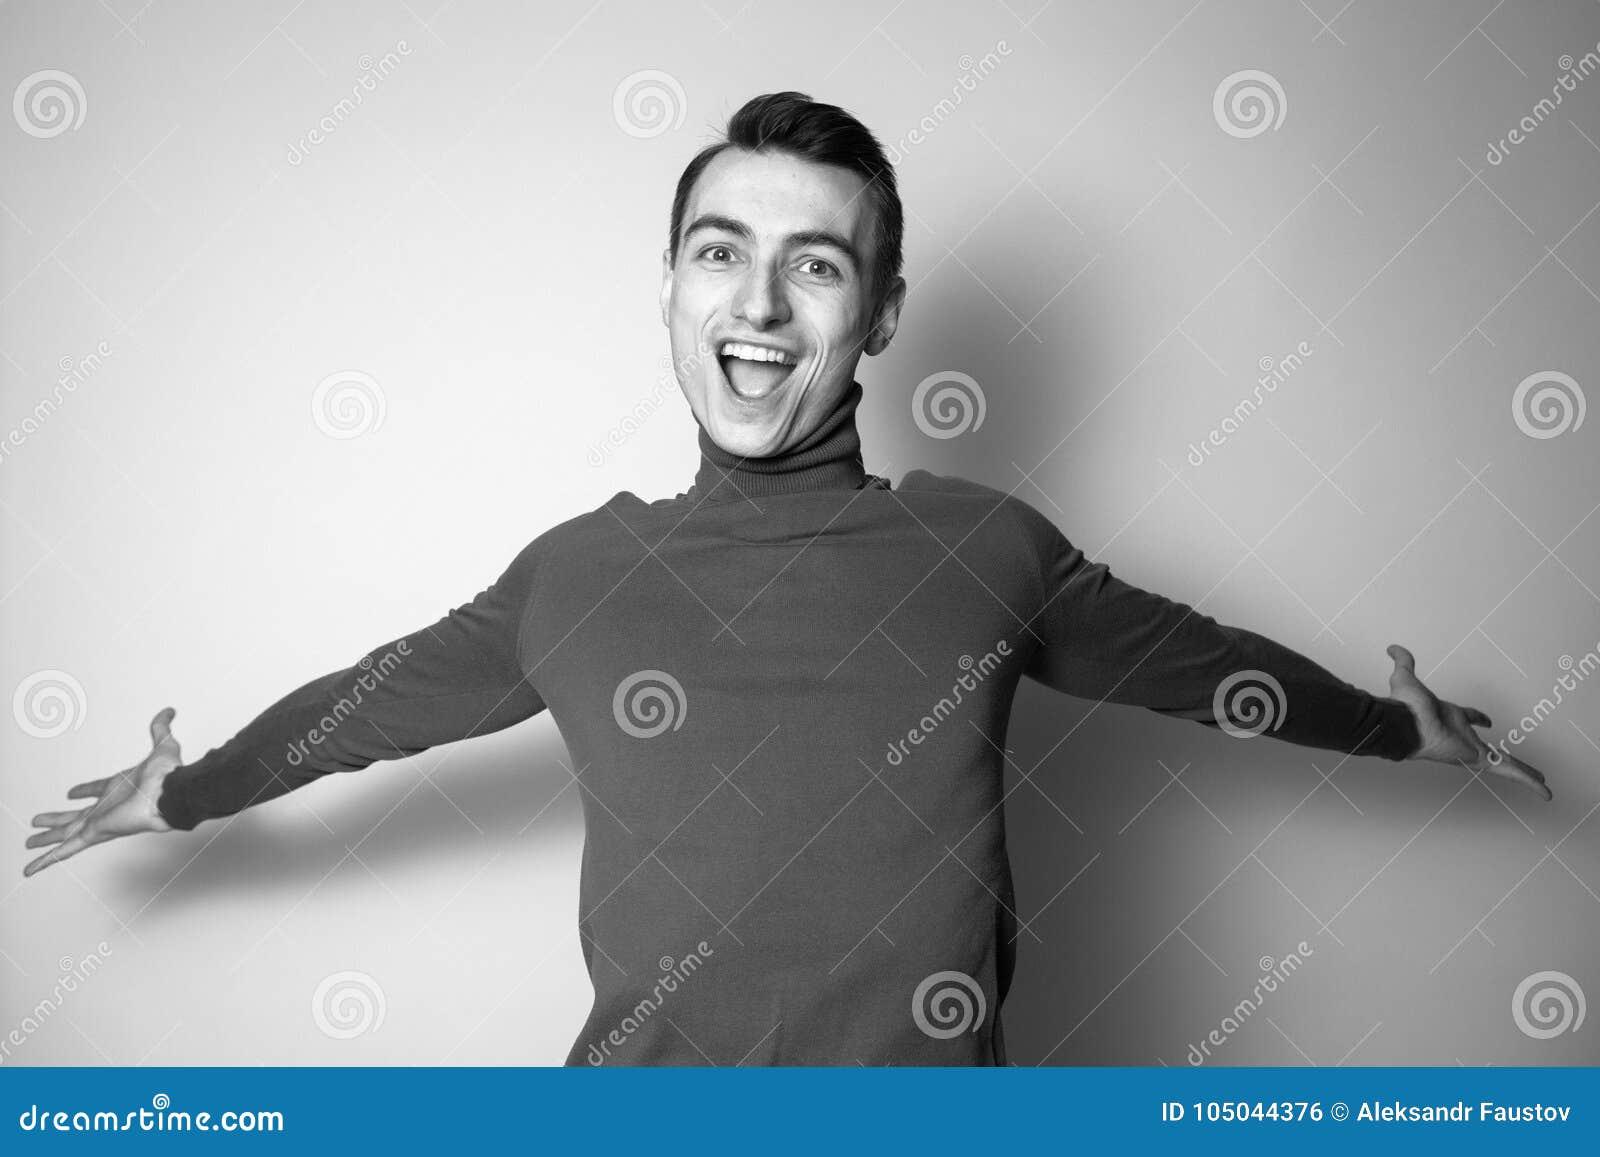 Ritratto in bianco e nero di giovane uomo di mentalità aperta in un saltatore del collo alto